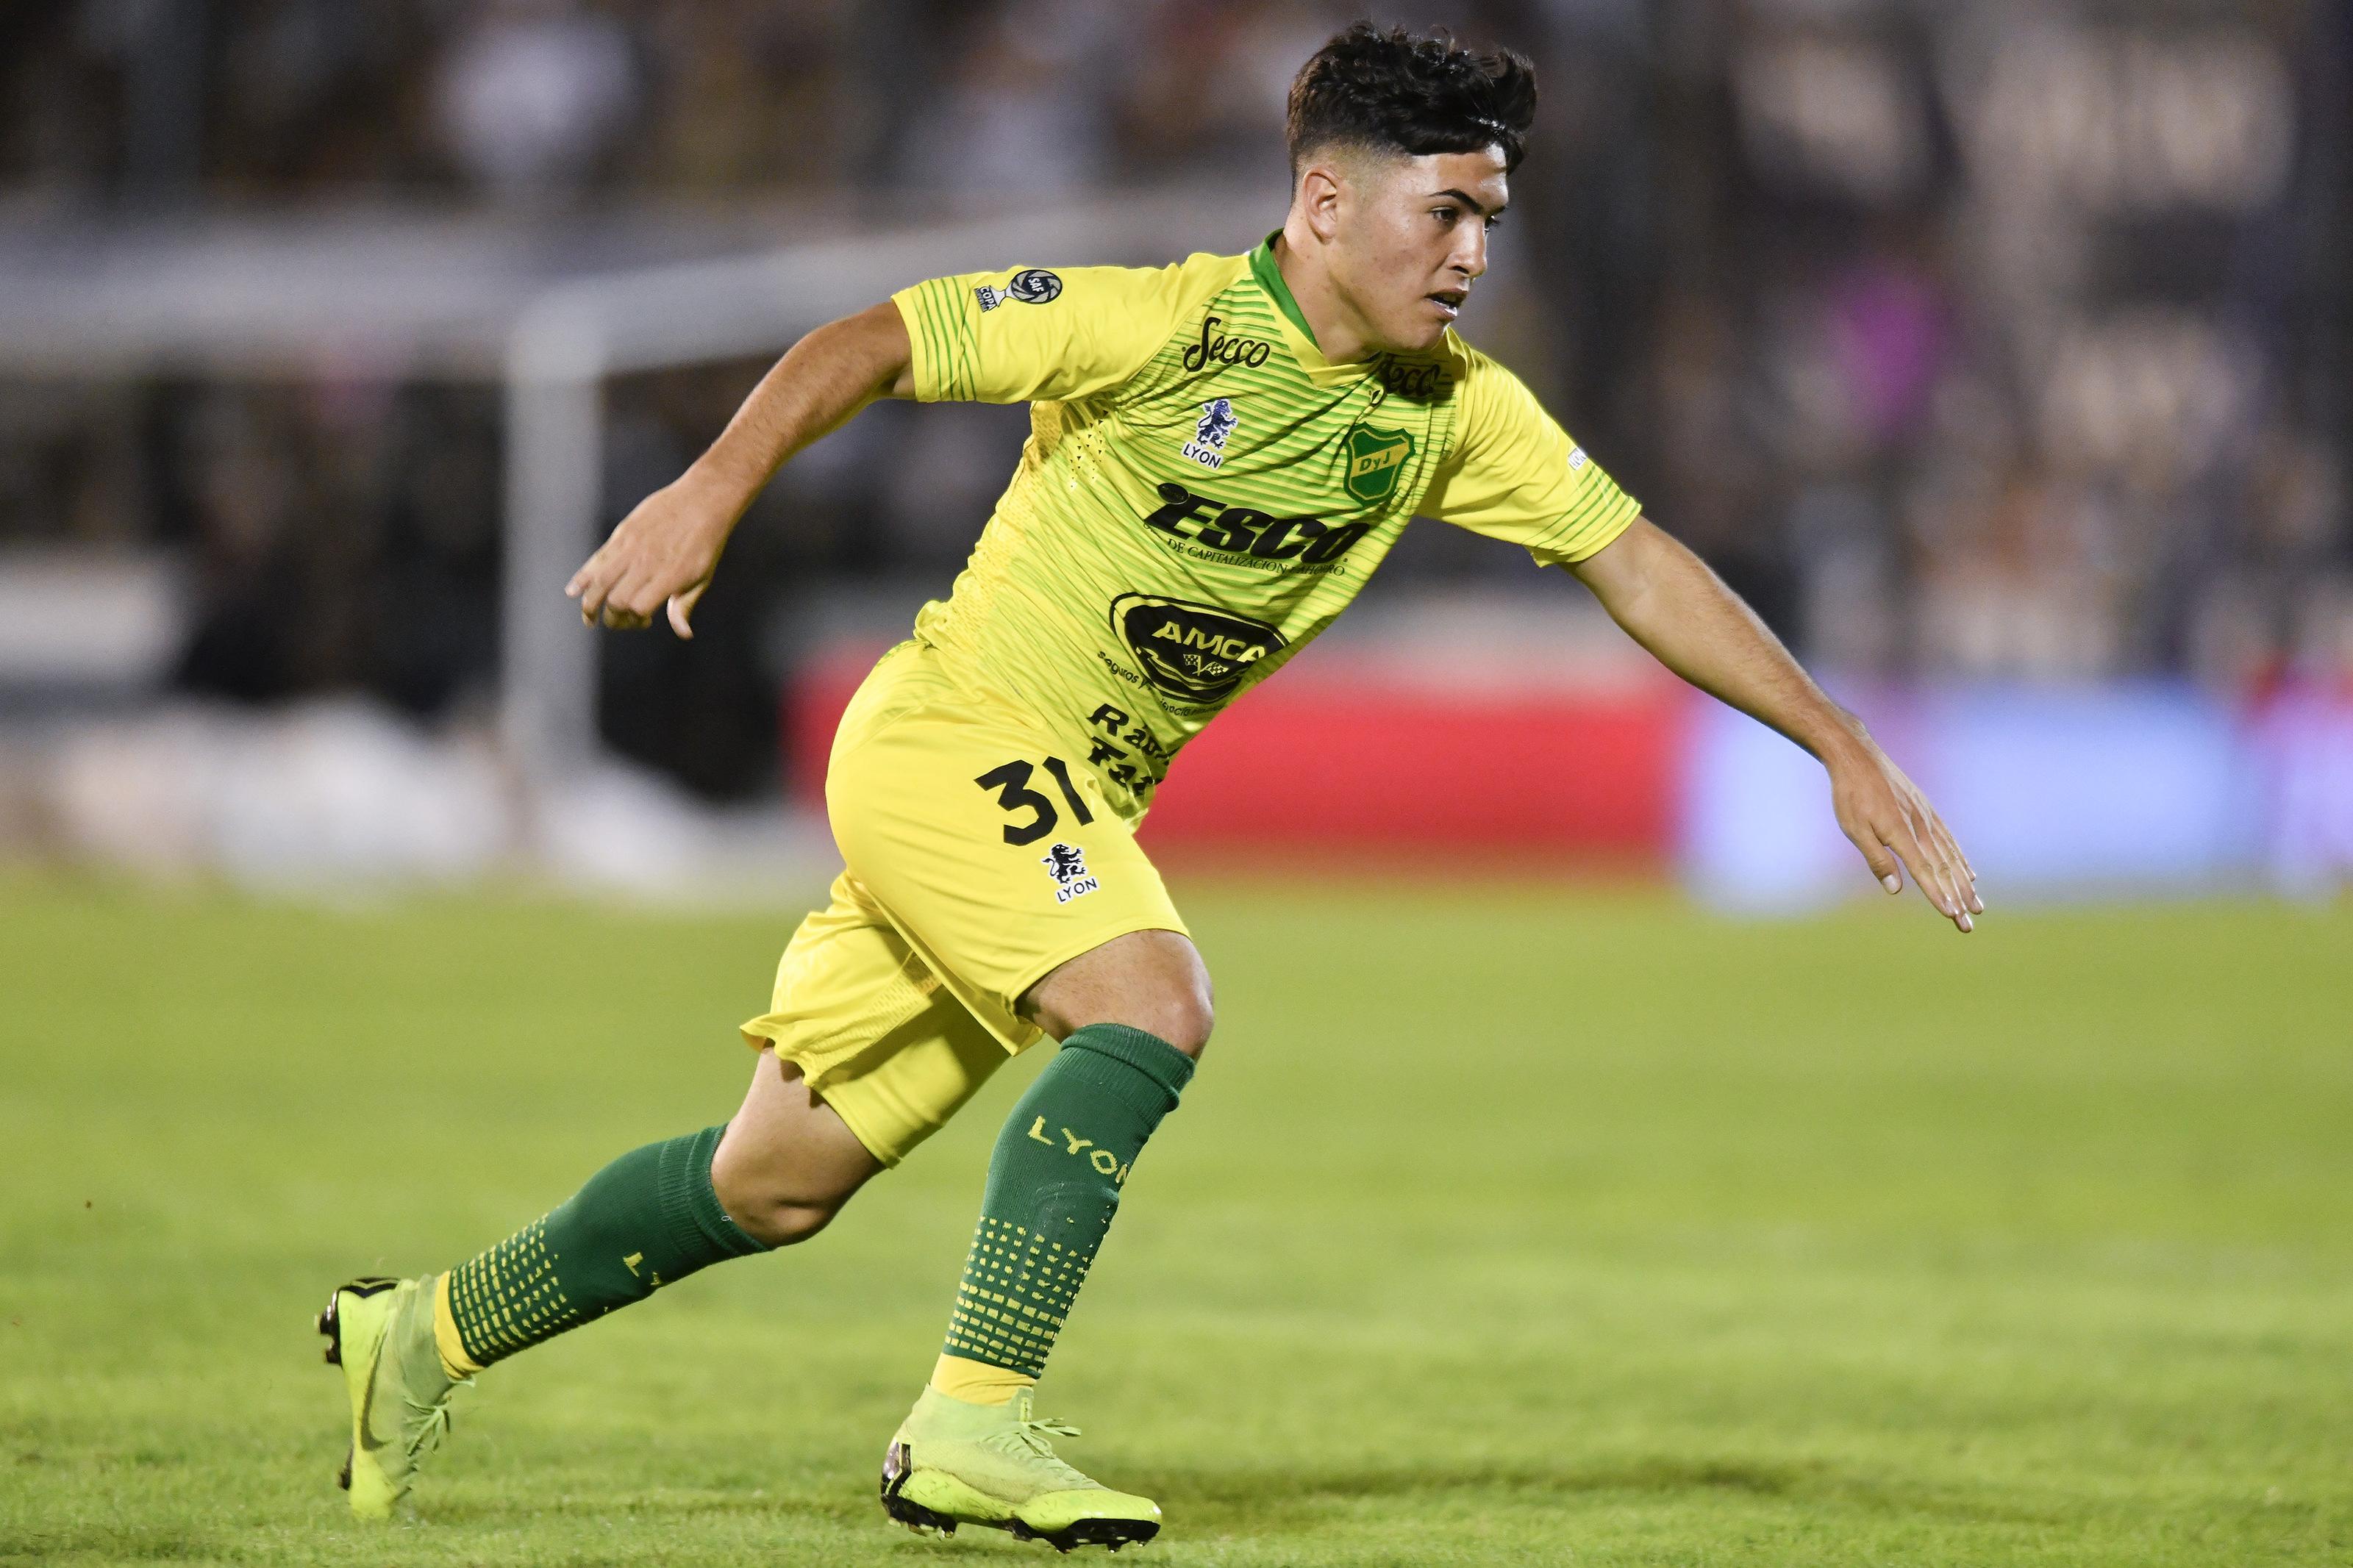 Gimnasia y Esgrima v Defensa y Justicia - Copa De La Superliga 2019